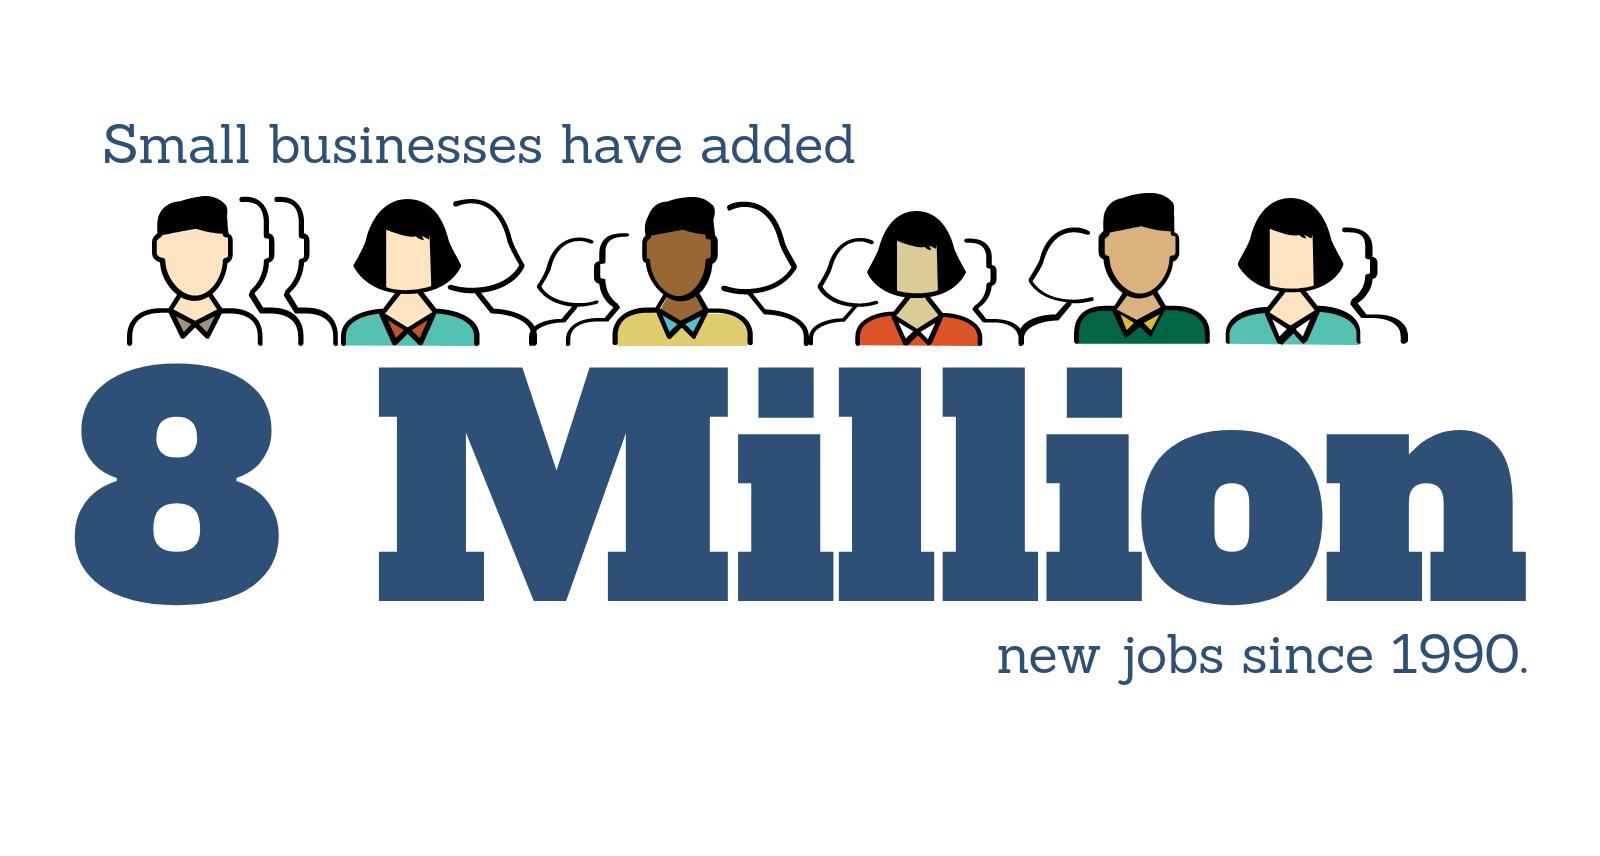 8 million new jobs